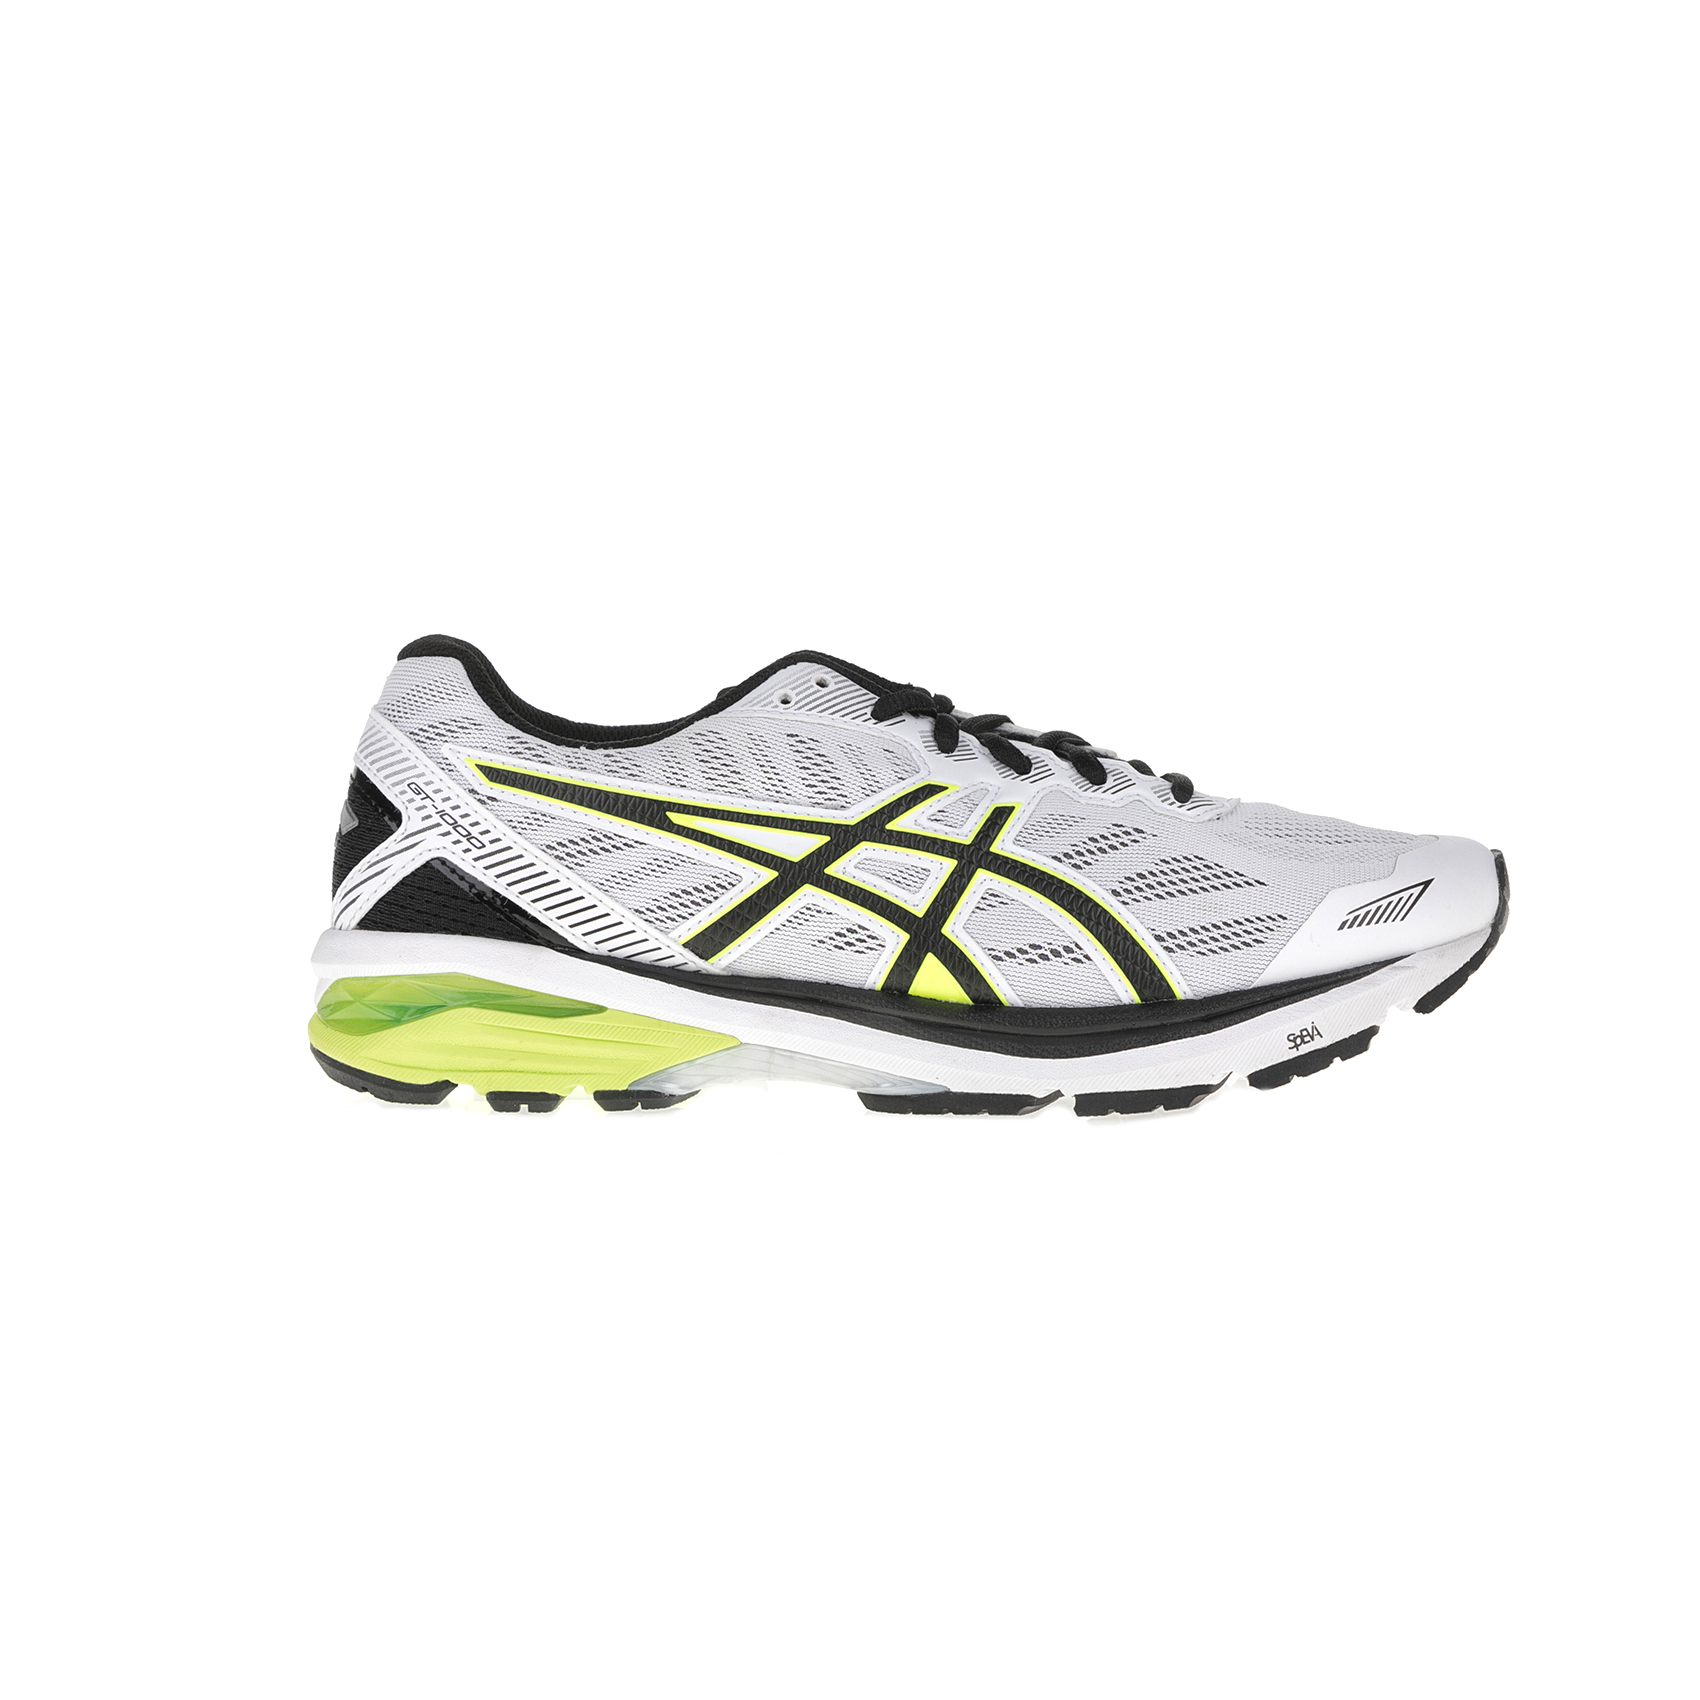 ASICS – Ανδρικά αθλητικά παπούτσια ASICS GT-1000 5 λευκά